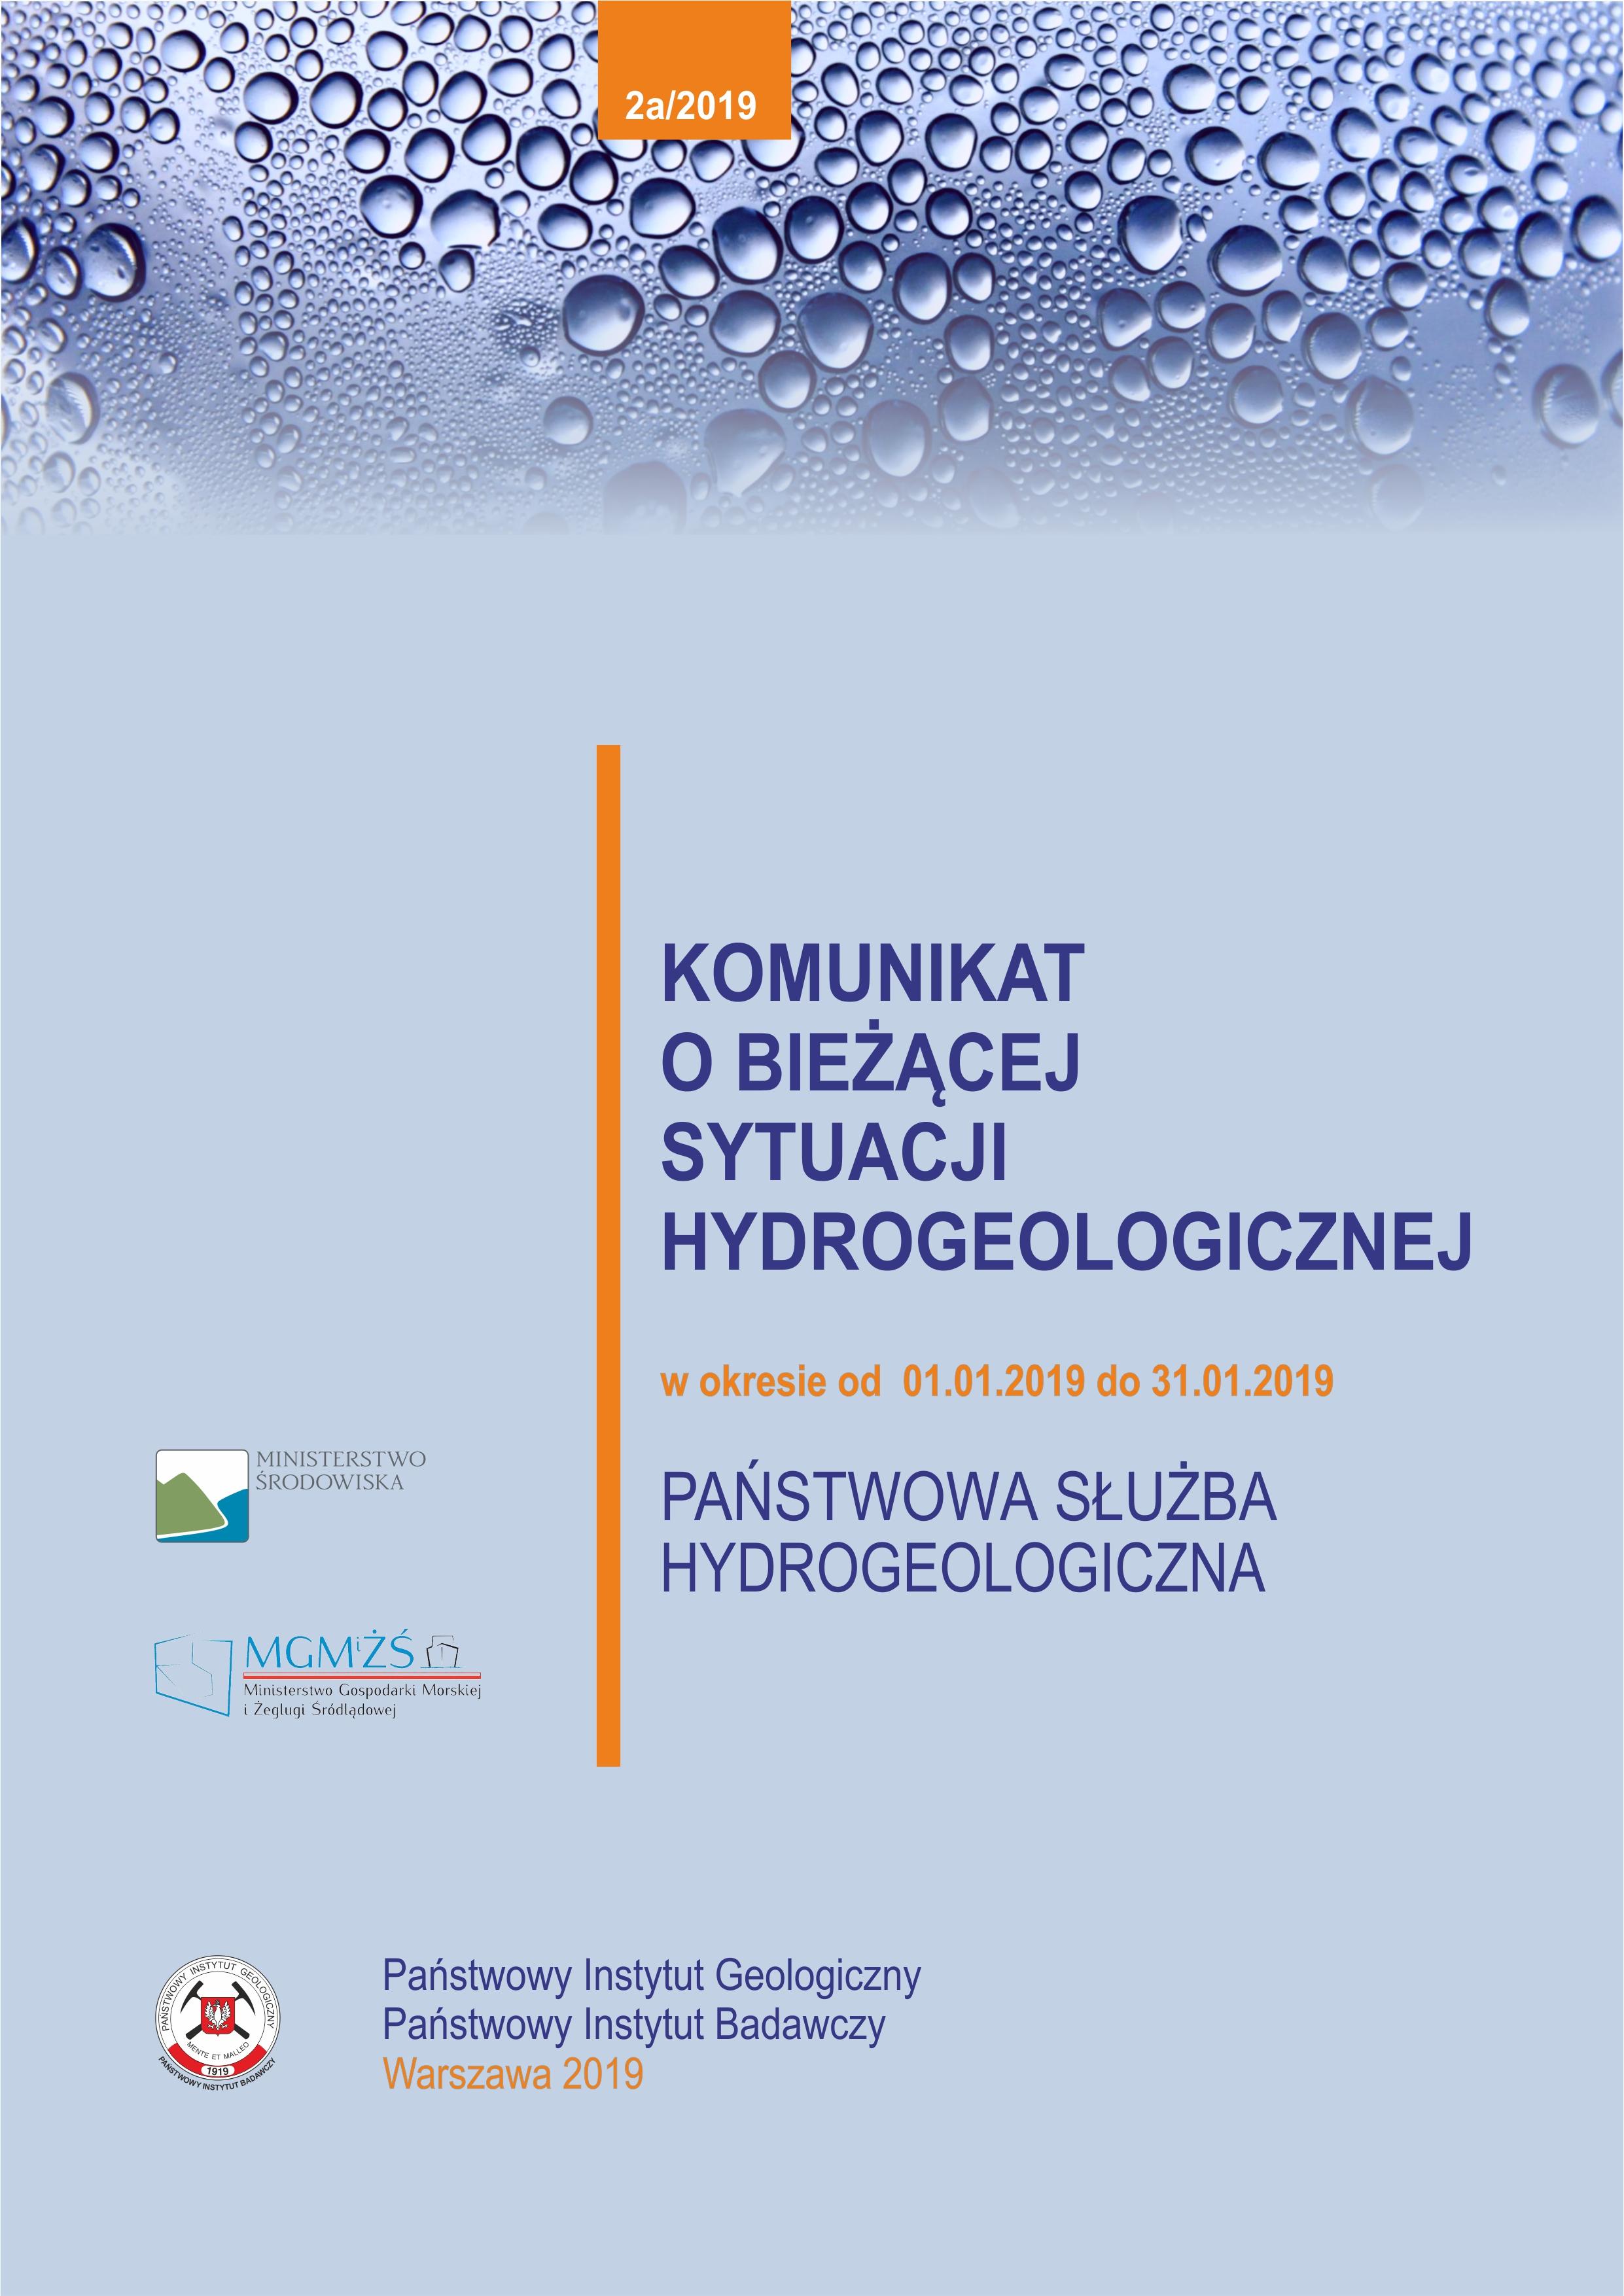 Komunikat o bieżącej sytuacji hydrogeologicznej w okresie 01.01.2019 - 31.01.2019